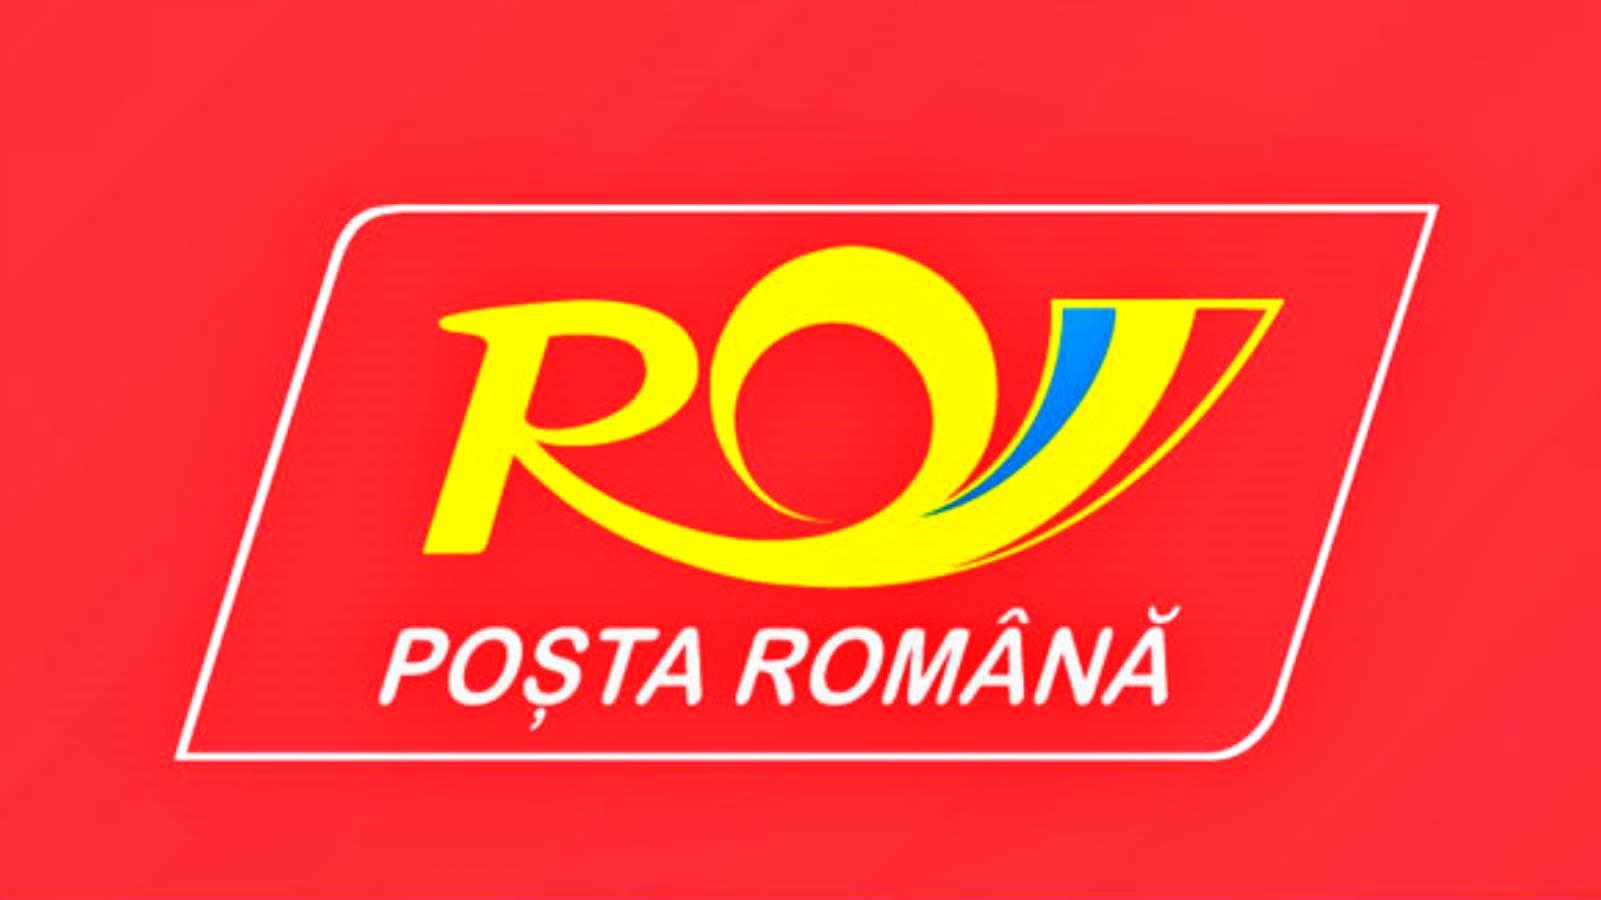 Posta Romana Ofera Ambalaje in Oficii pentru Orice Trimiteri